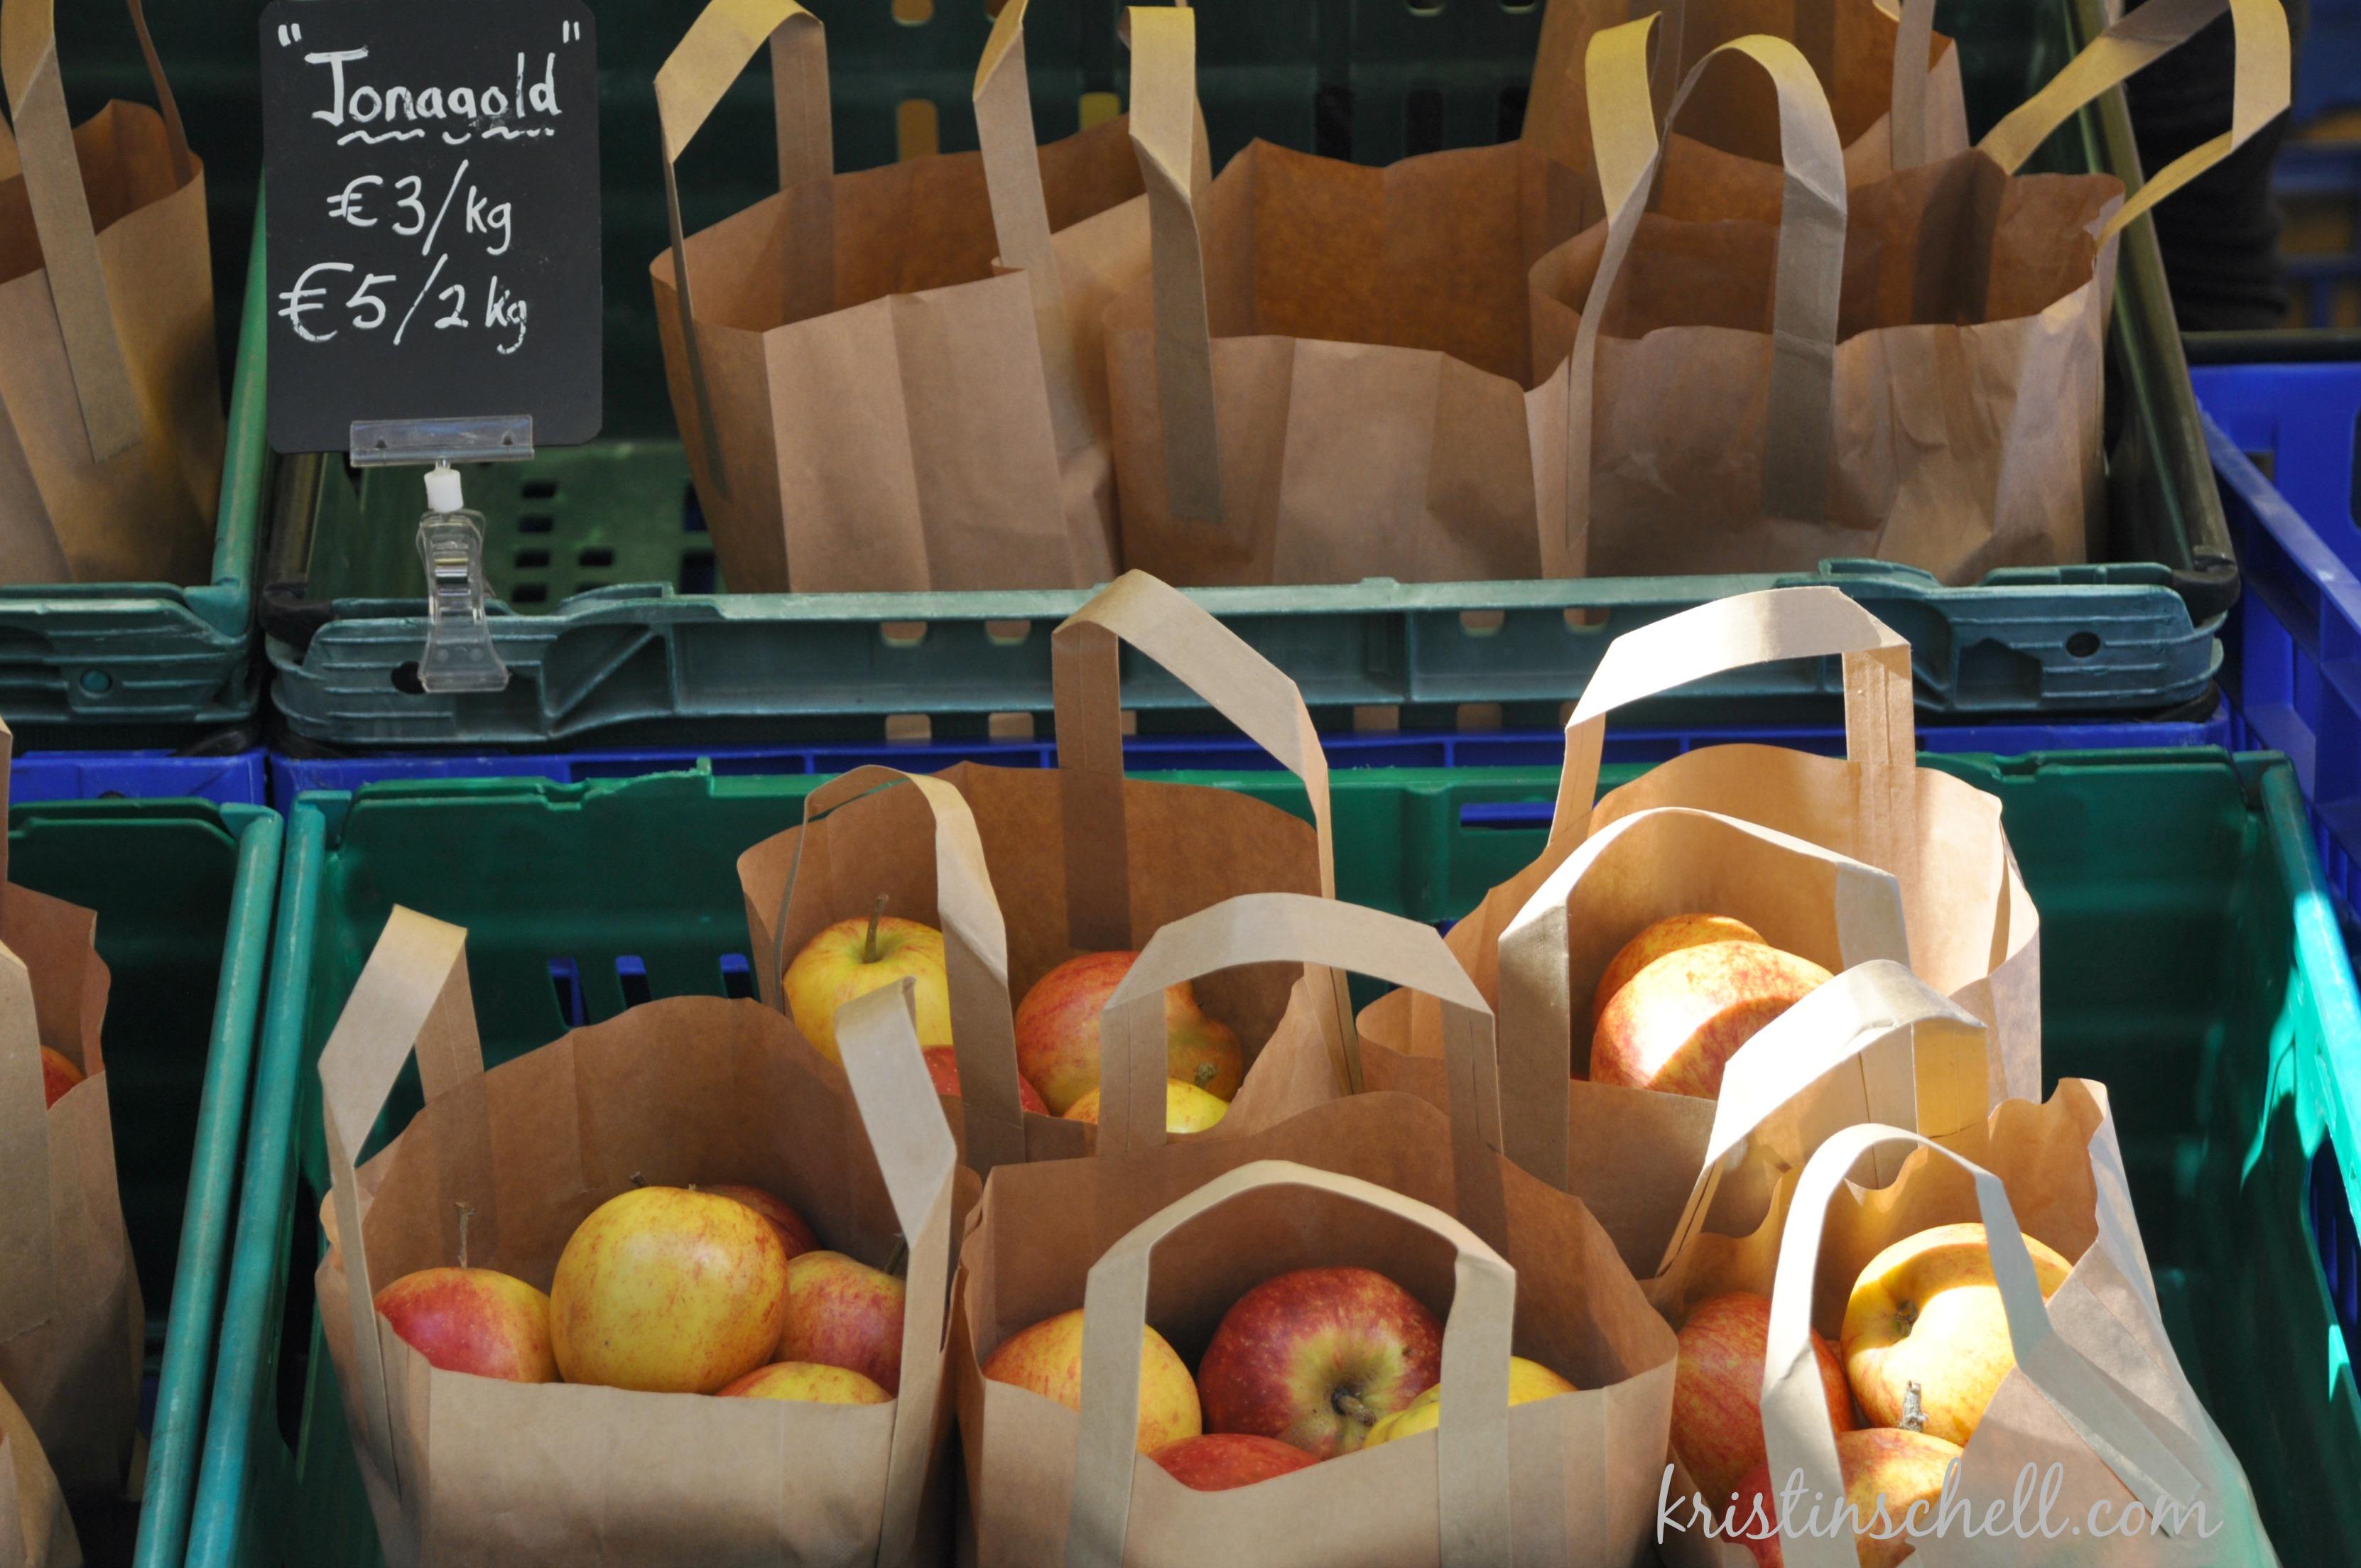 Apple Cinnamon Pork Tenderloin in the Crockpot | A fall favorite | kristinschell.com